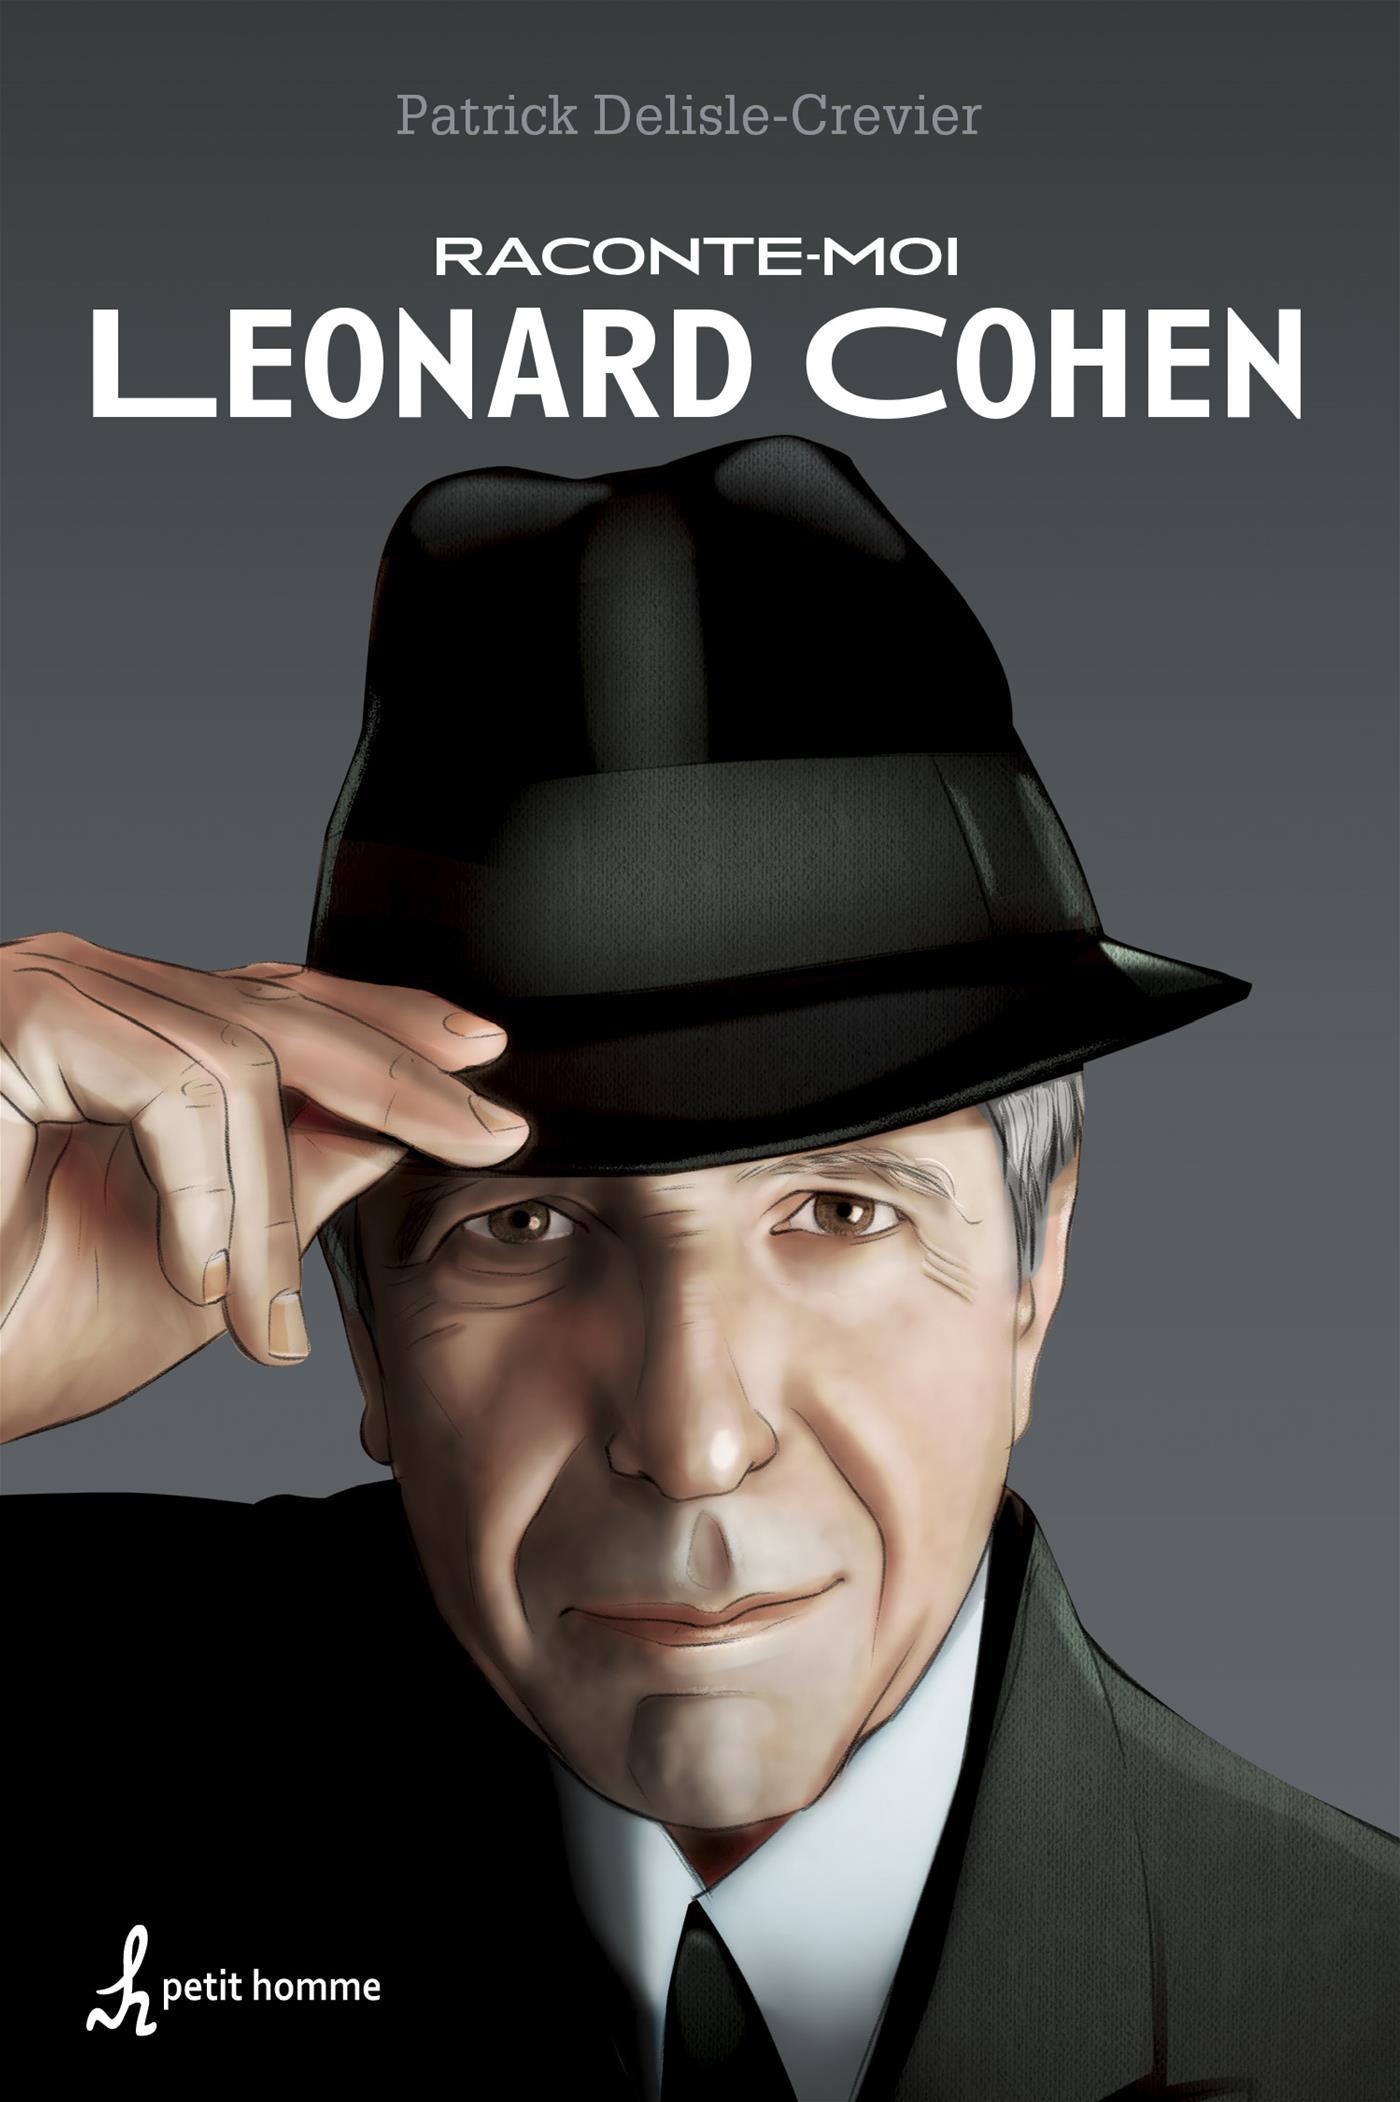 Raconte-moi Leonard Cohen